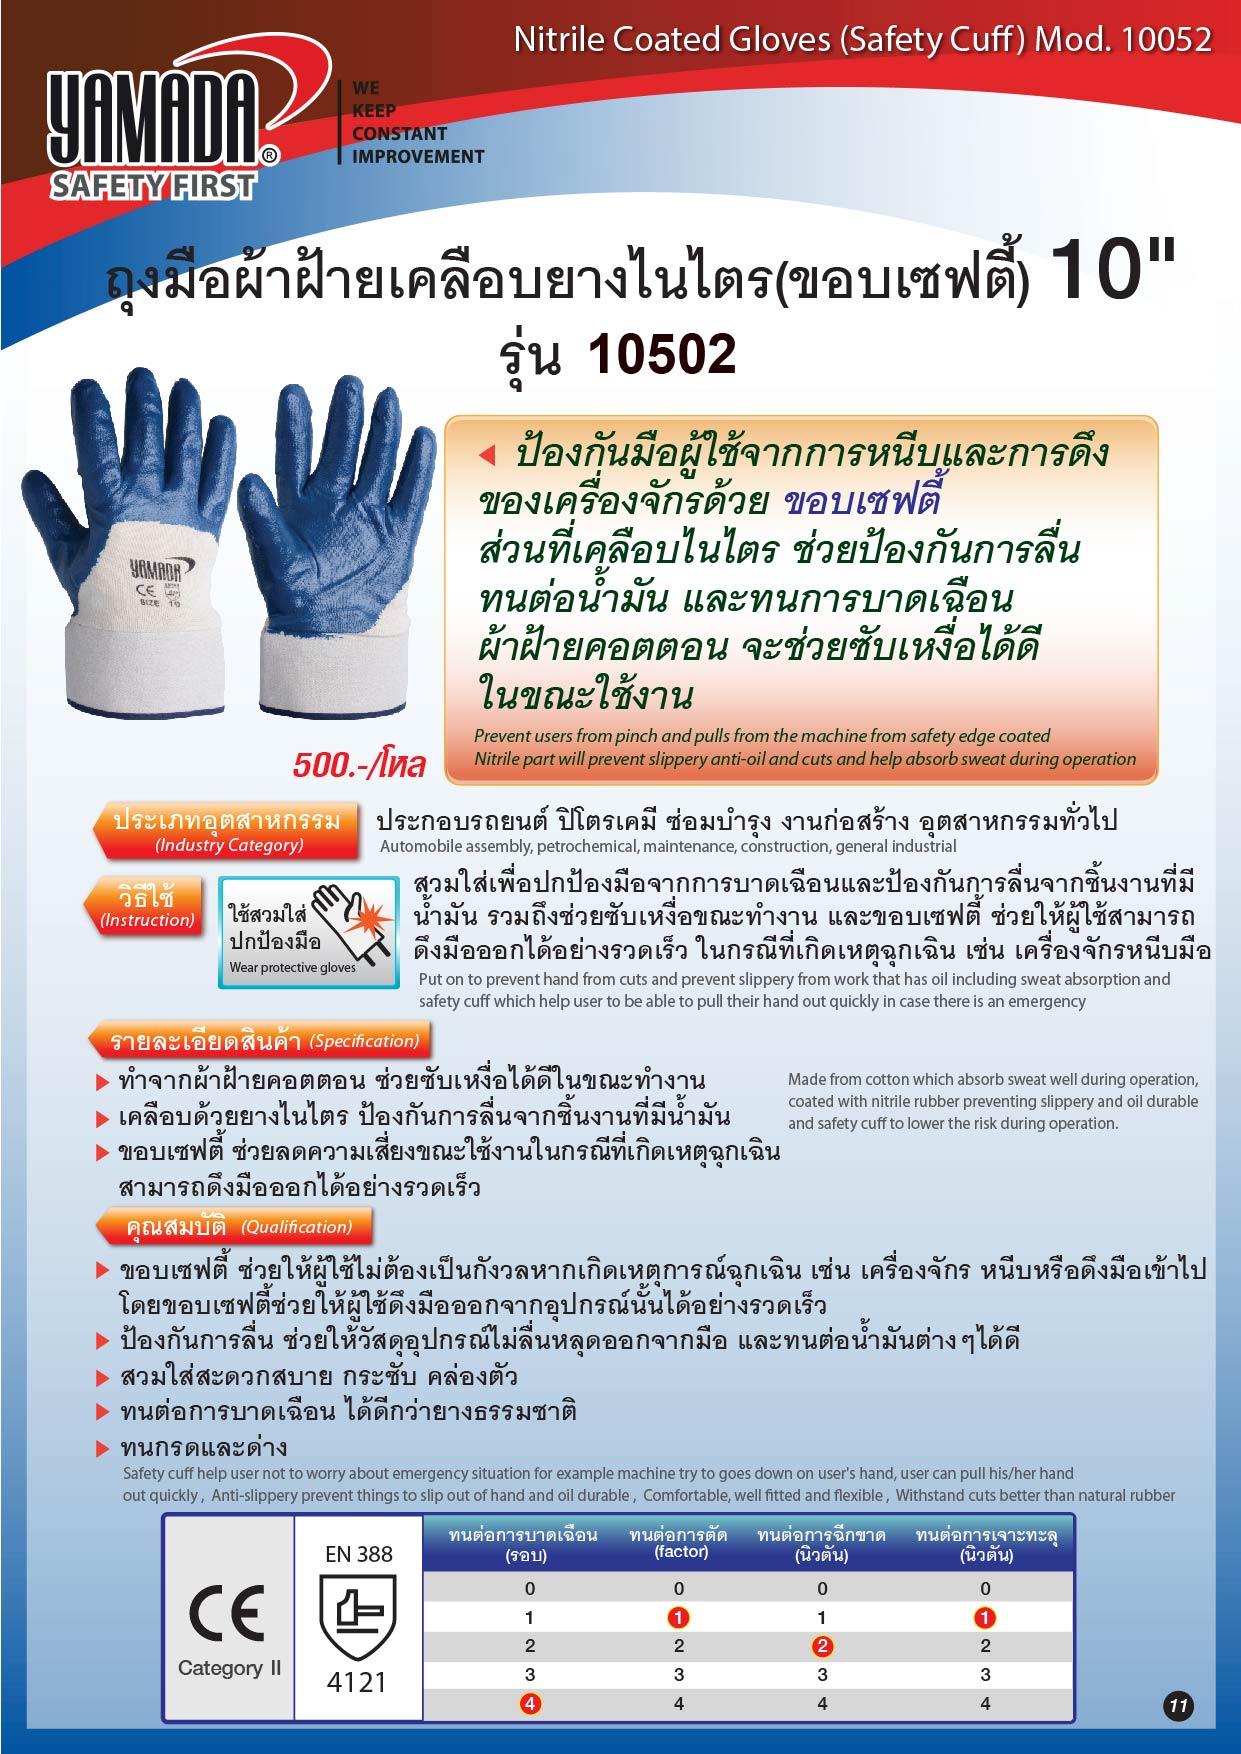 (168/268) ถุงมือผ้าฝ้ายเคลือบยางไนไตร